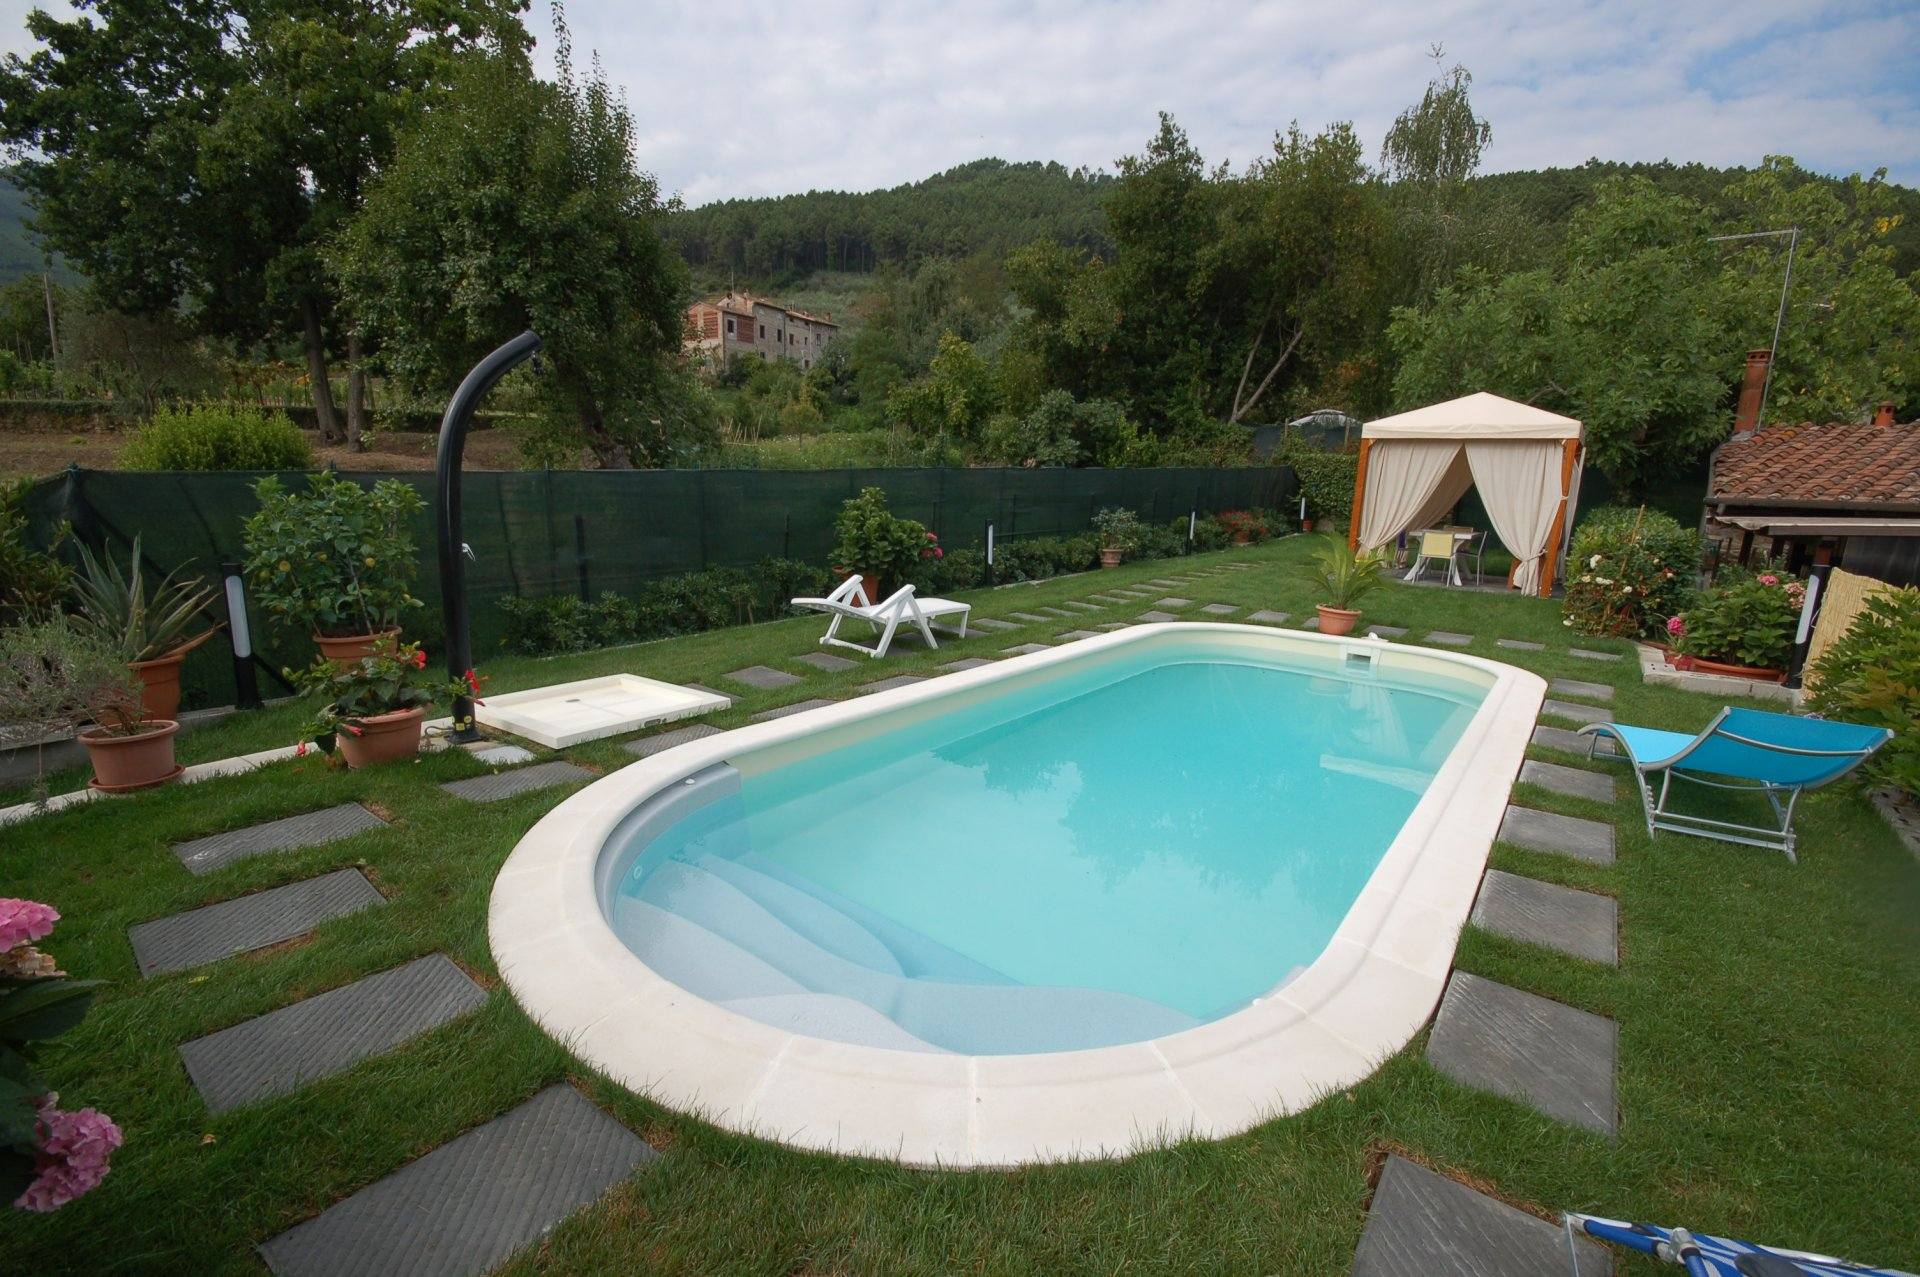 ITALIE, TOSCANE, LUCCA, MAS EN PIERRE AVEC PISCINE, 4 PERSONNES